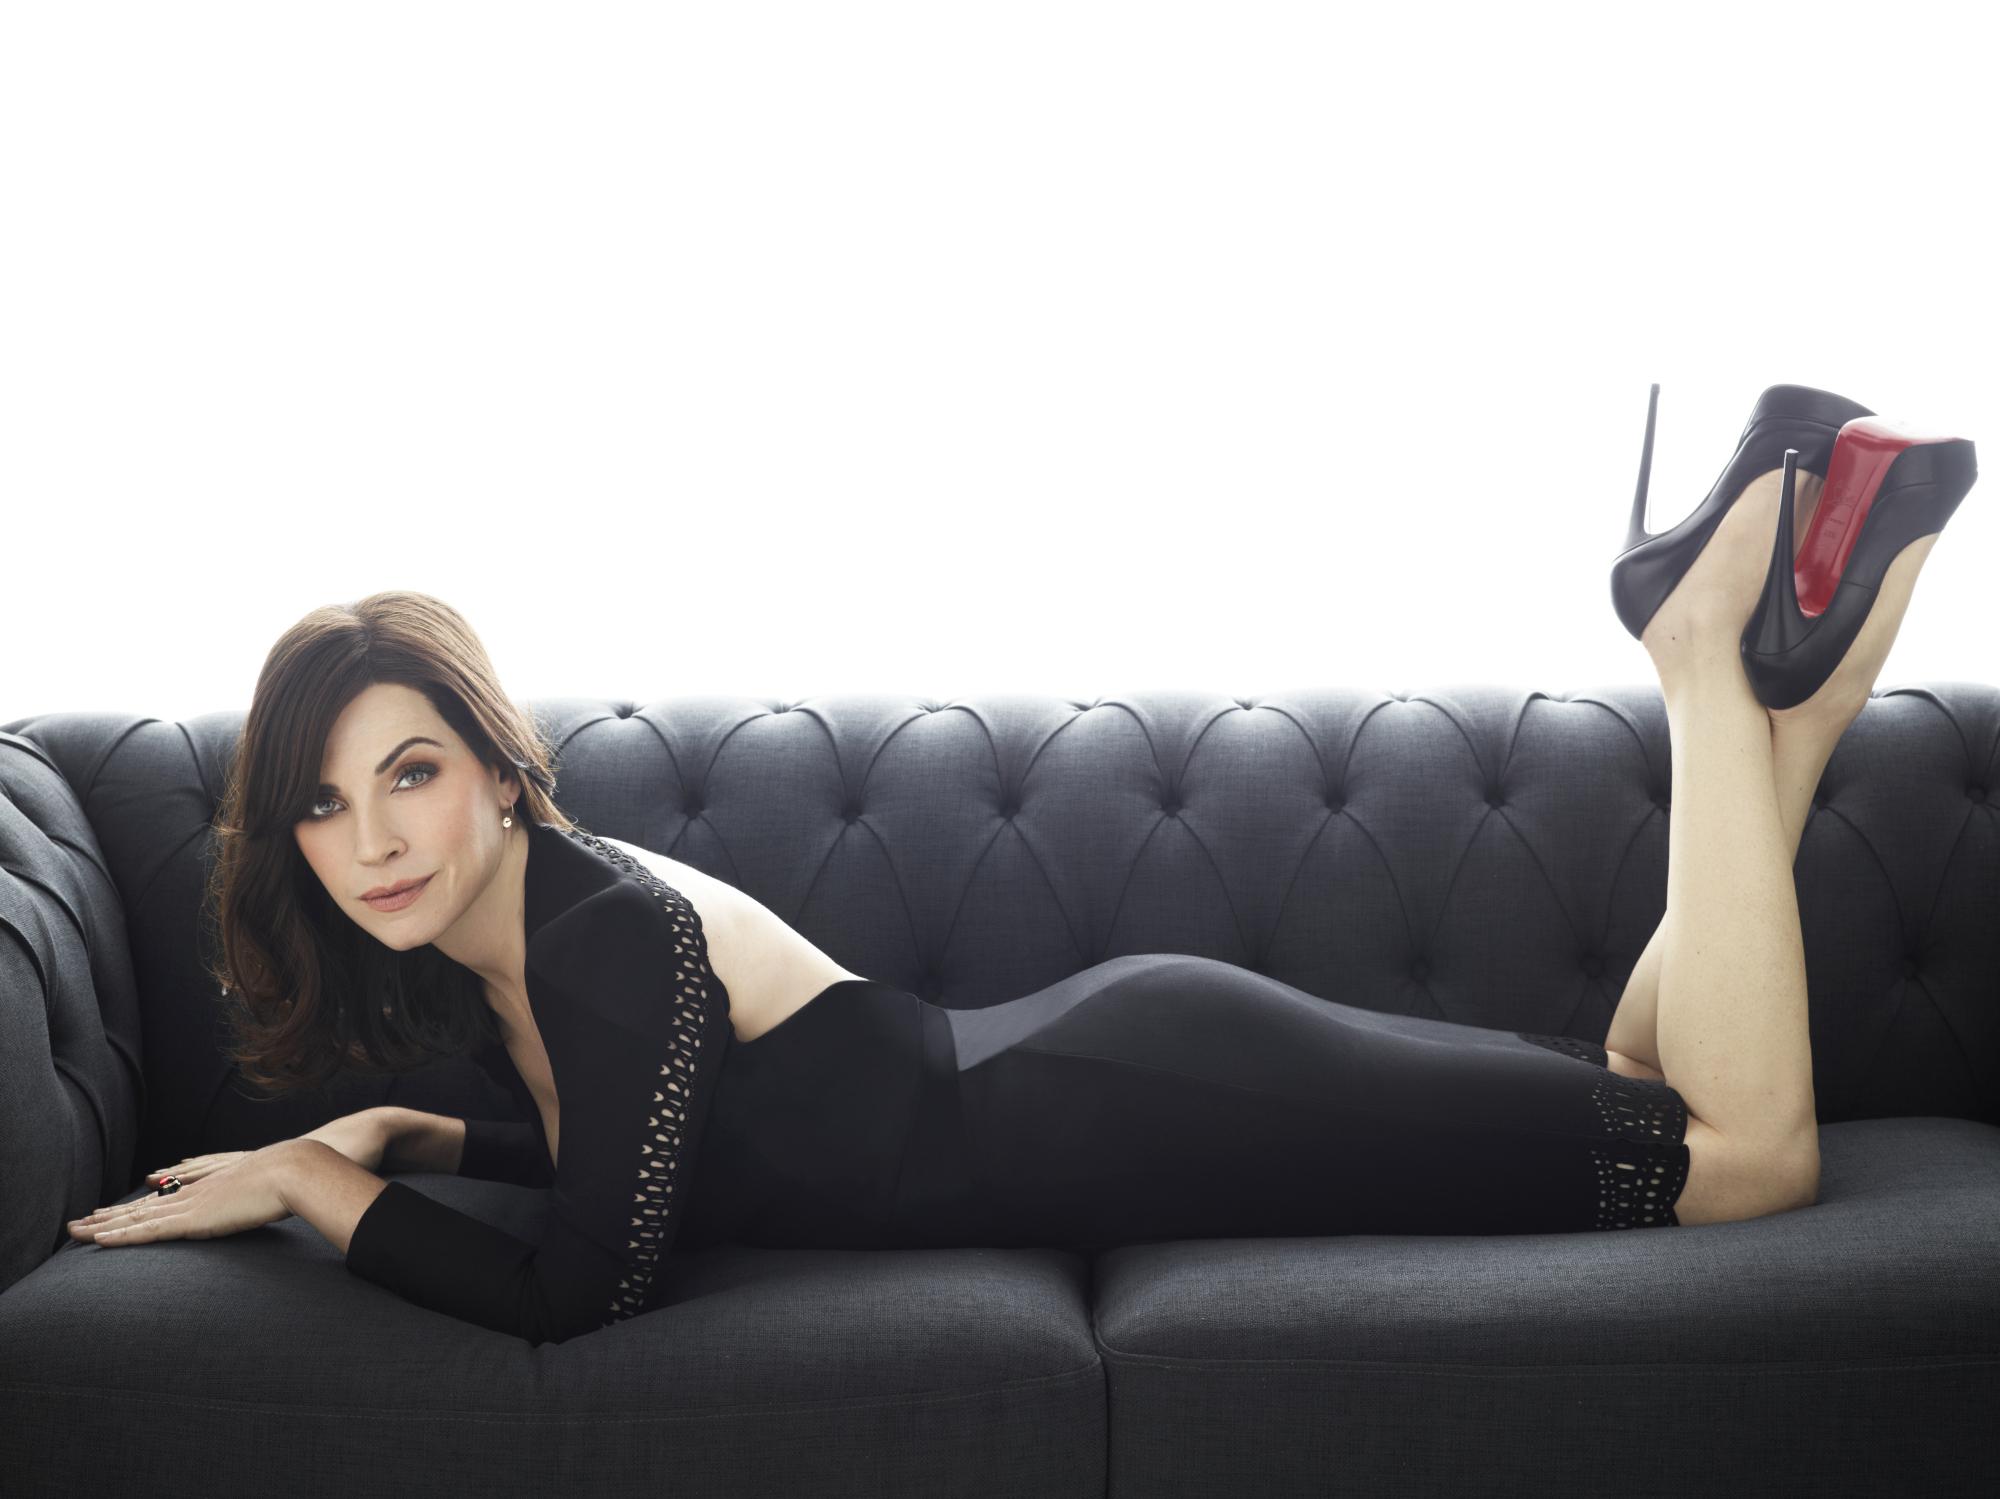 Alicia Florrick